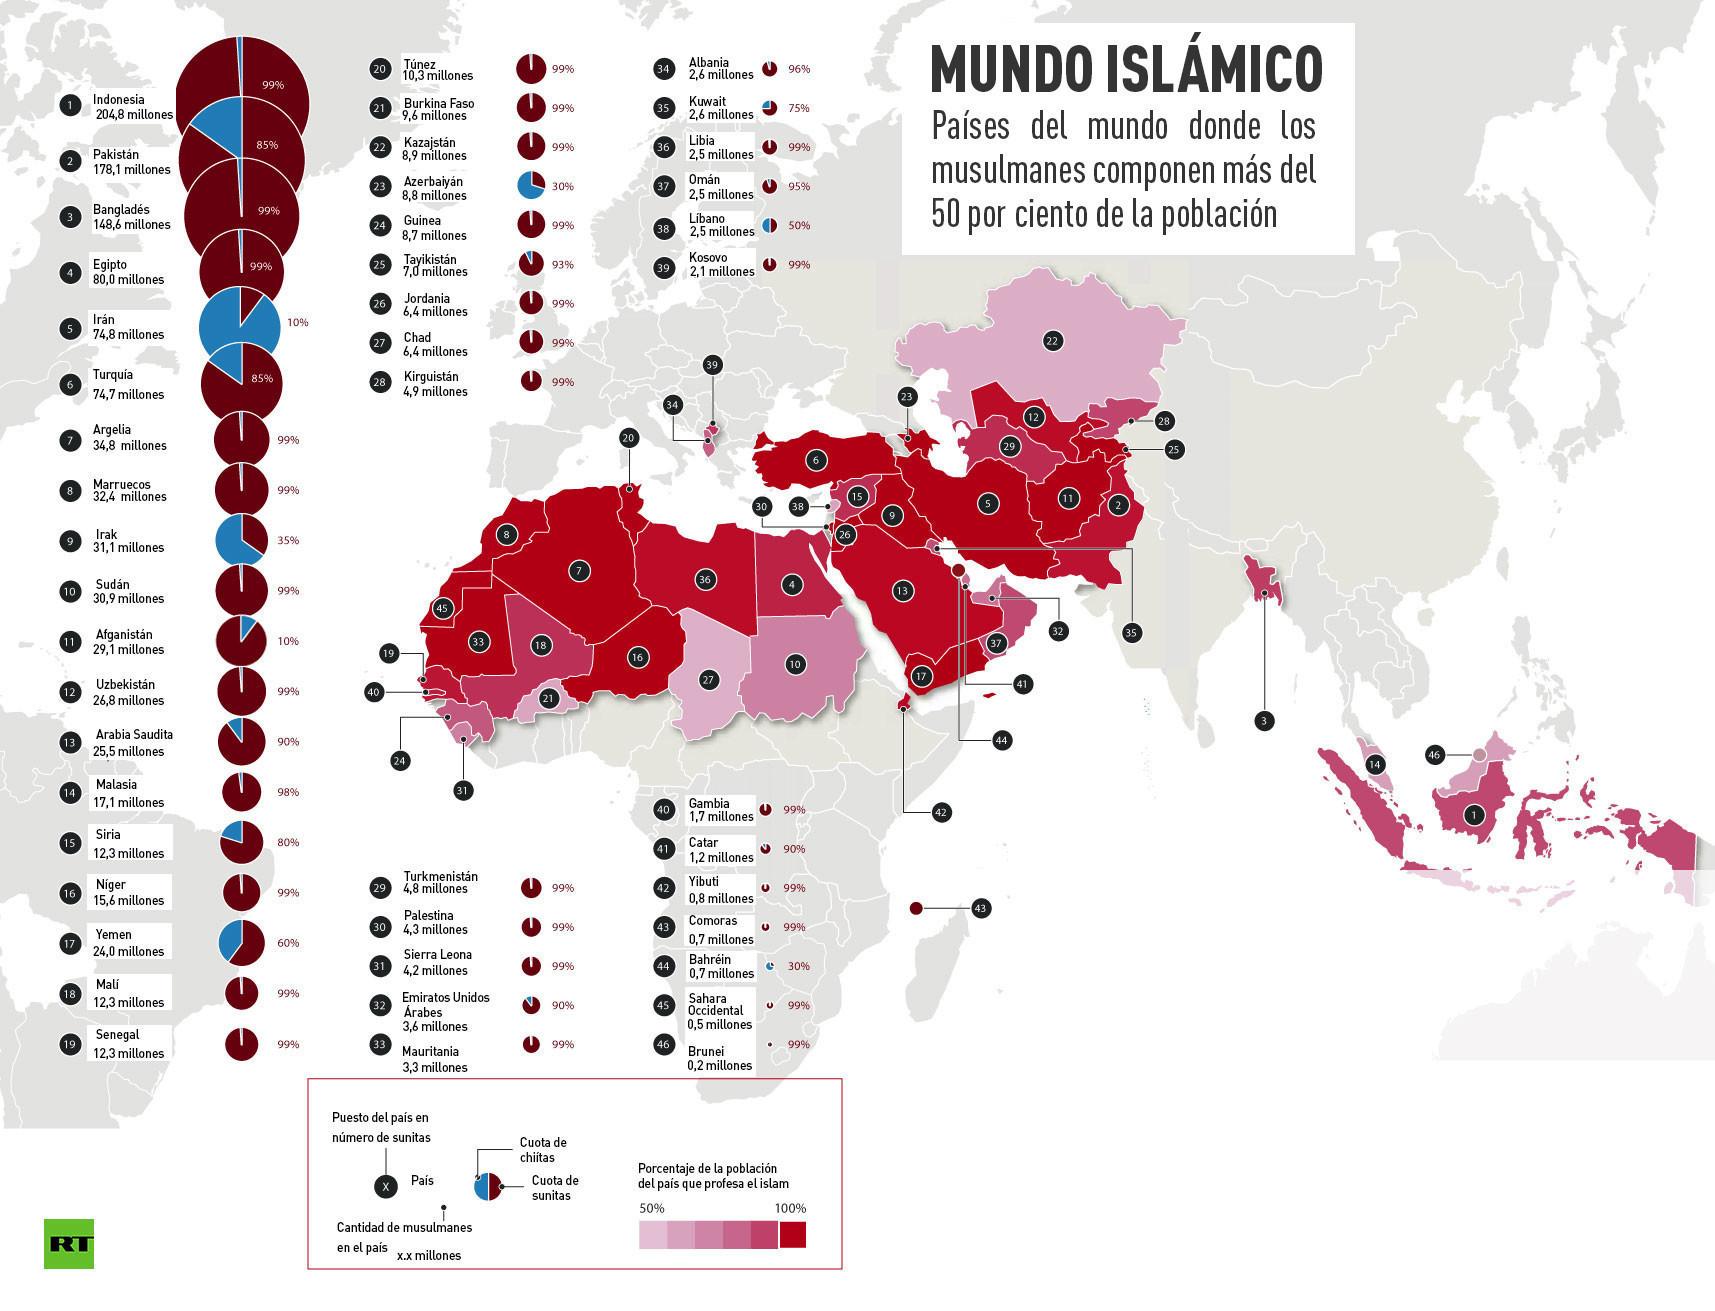 Caja de Pandora El conflicto religioso en Oriente Medio puede